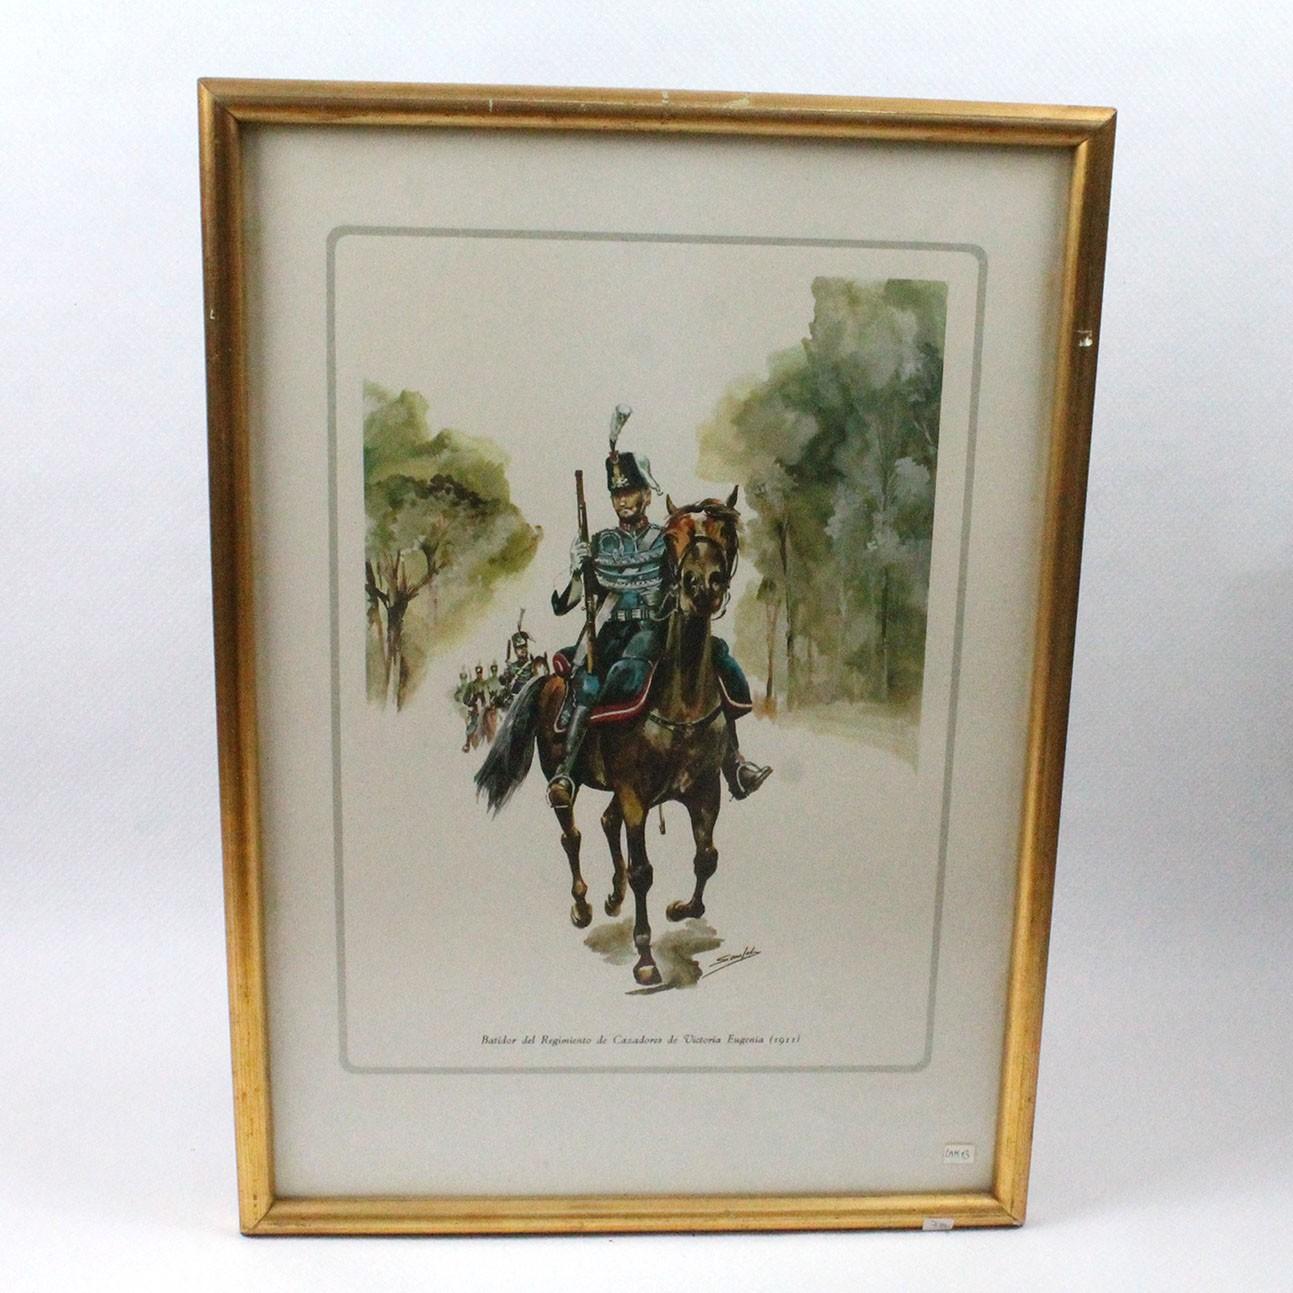 LAM-BATIDOR DEL REGIMIENTO DE CAZADORES DE VICTORIA EUGENIA (1911)